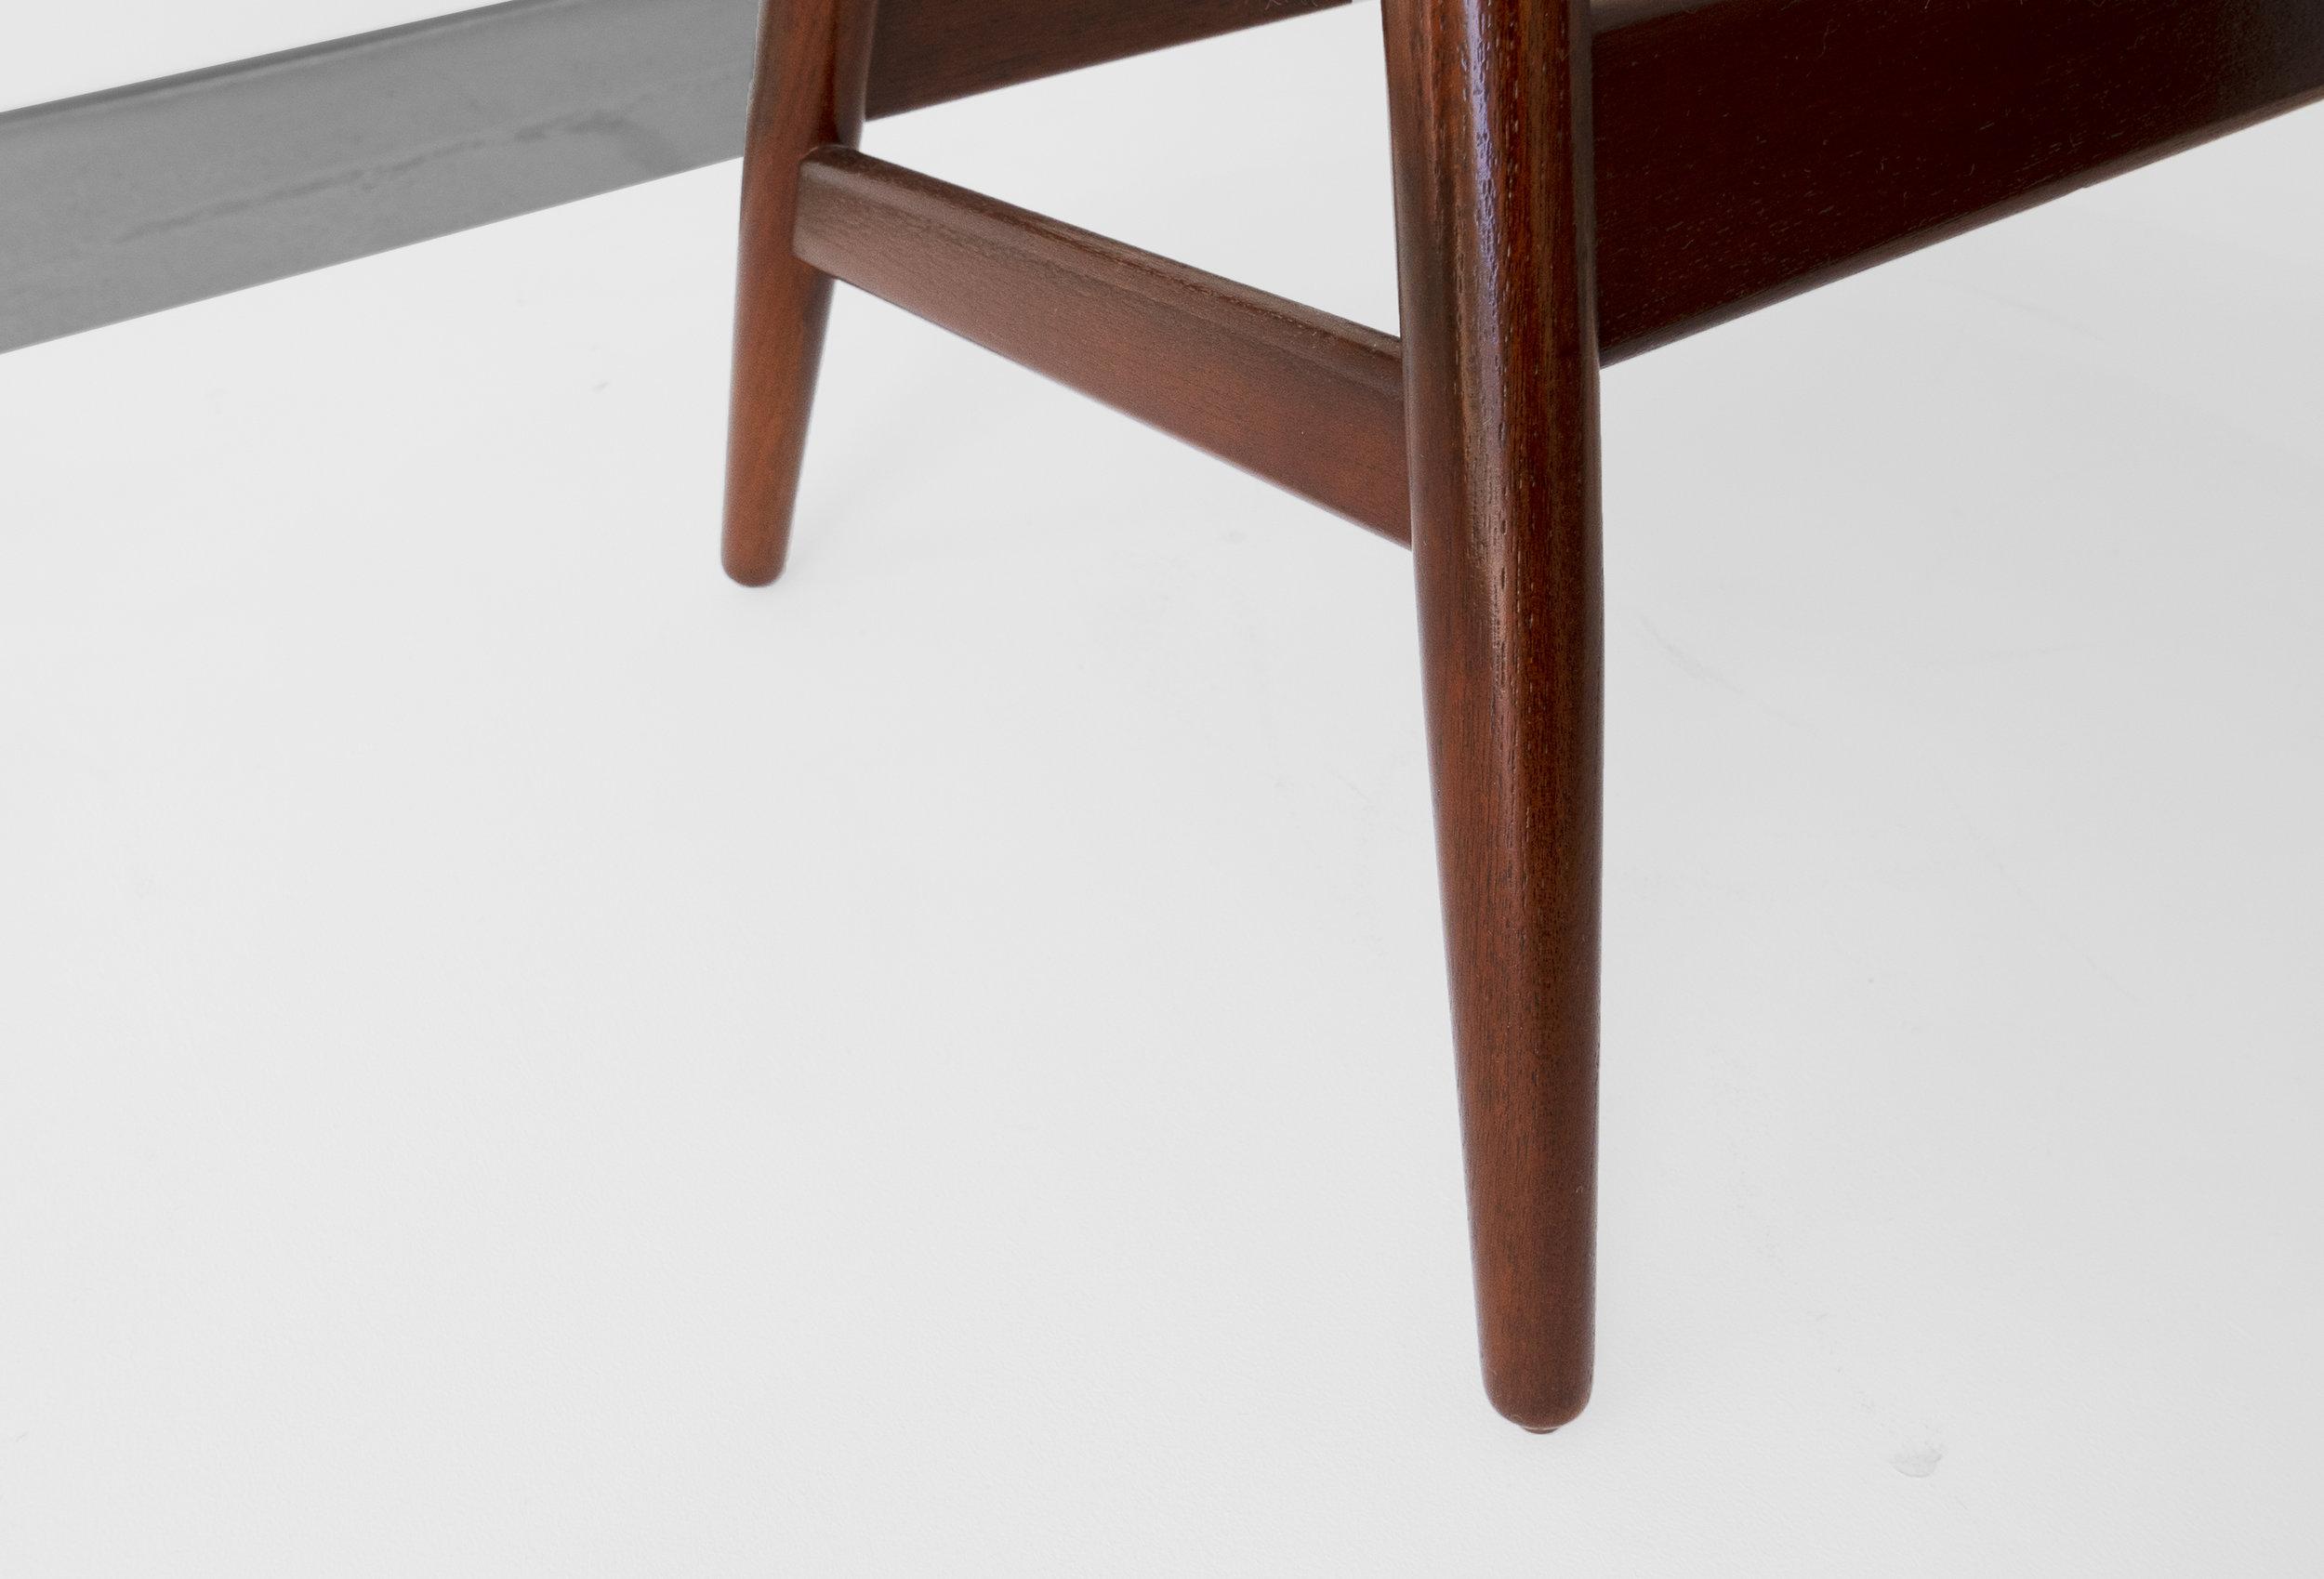 """Hans Olsen, """"Fried Egg"""" Chair 2, c. 1956, Teak, Upholstery, 26 H x 40 W x 30 D inches_7.jpg"""